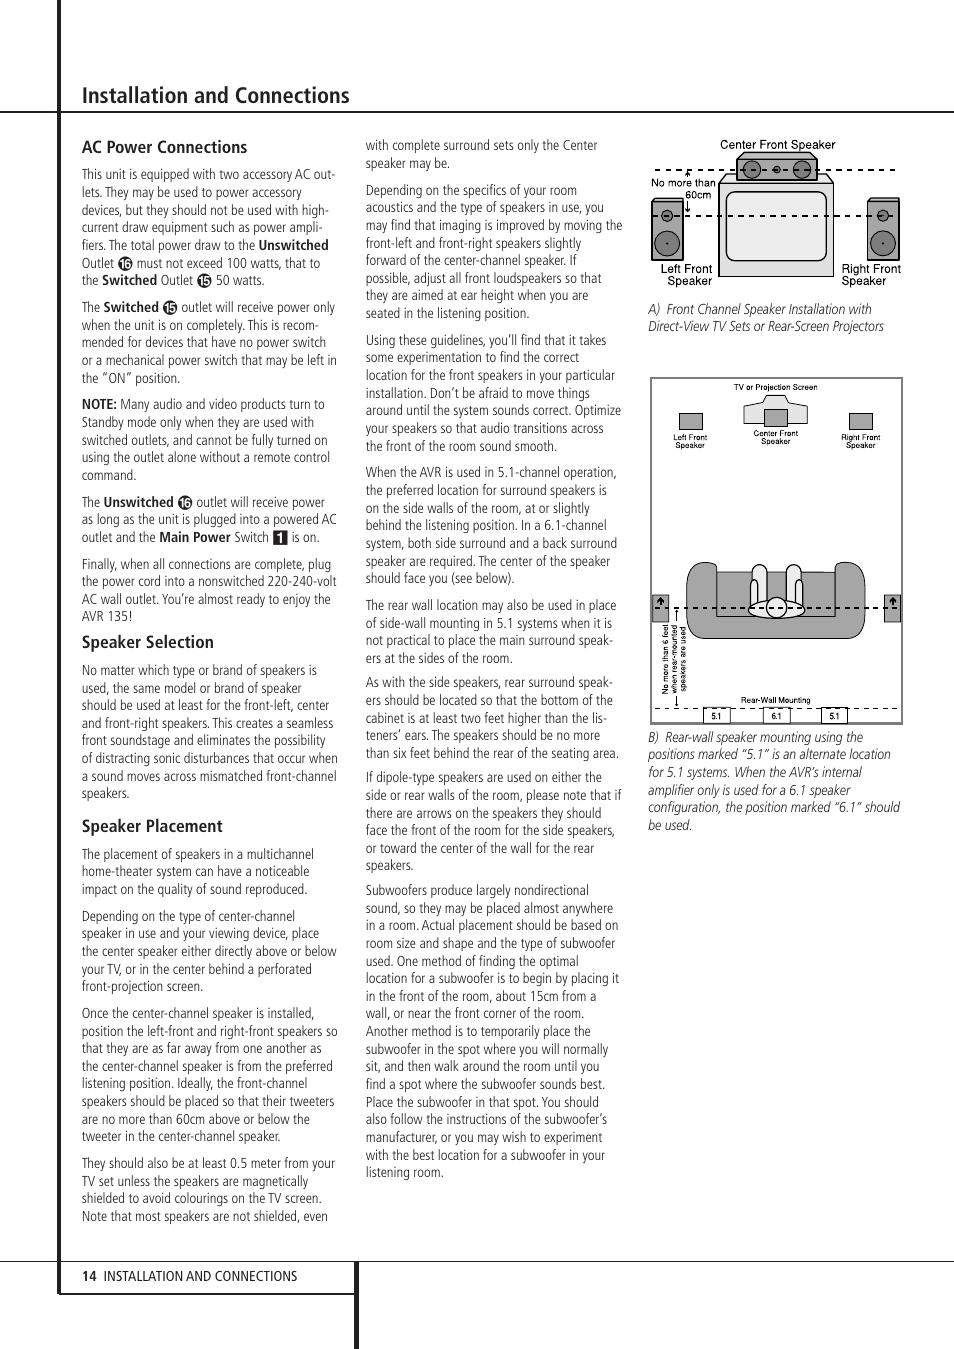 installation and connections harman kardon avr 135 user manual rh manualsdir com